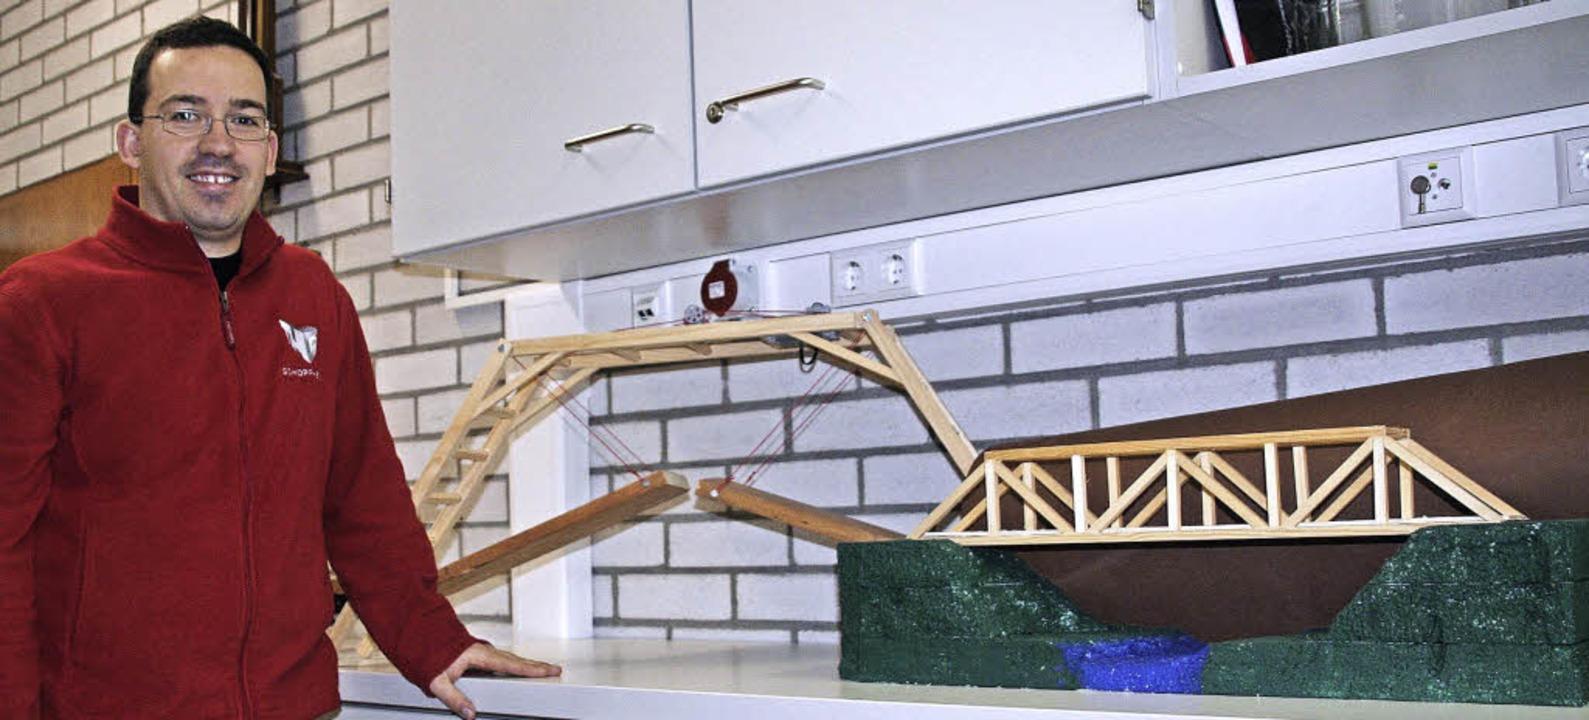 Brückenbauer: Lehrer Christian Jost ve...reits im Unterricht entstanden sind.      Foto: Marlies Jung-Knoblich/Privat